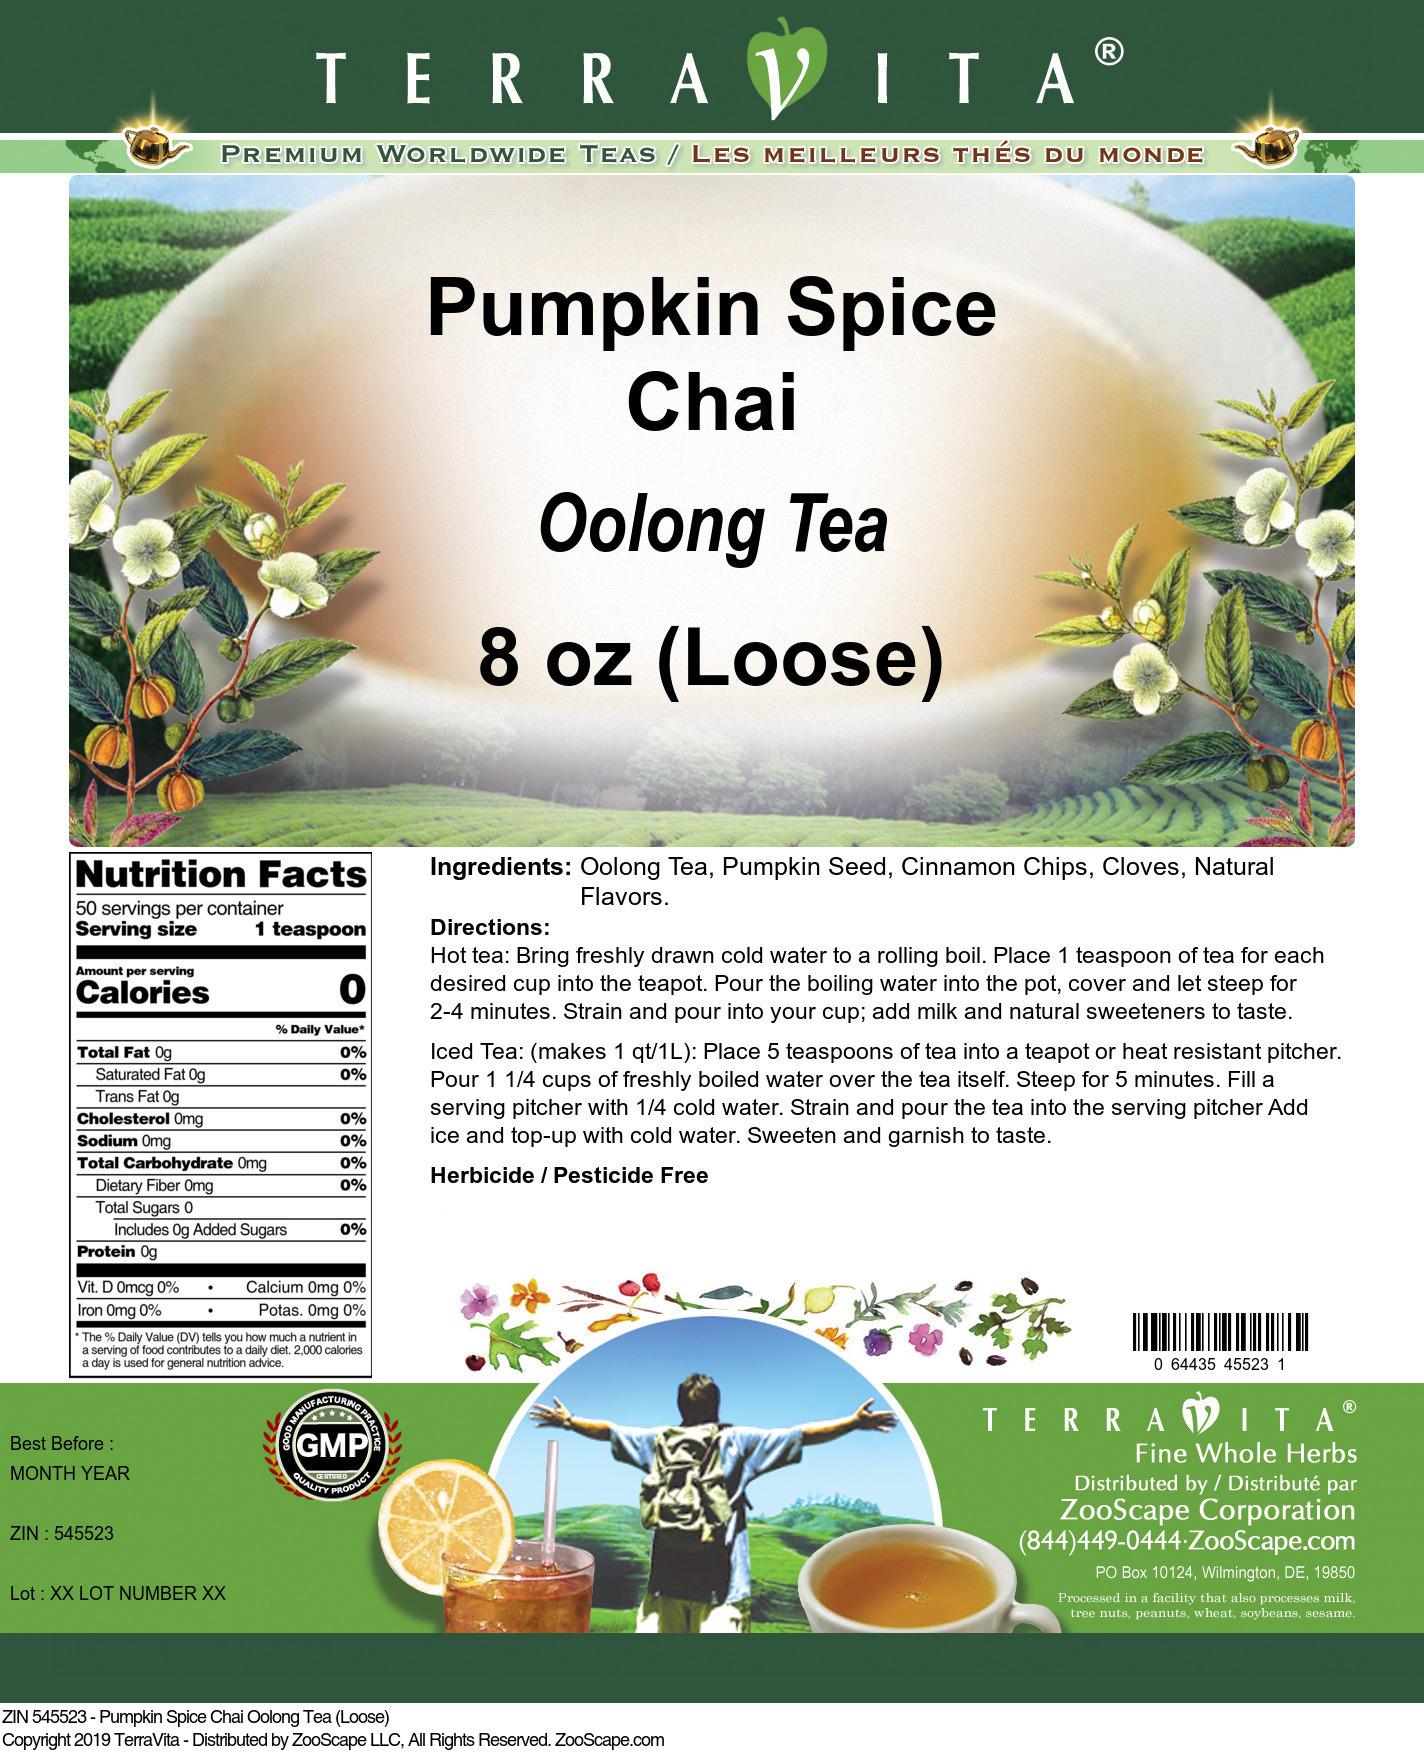 Pumpkin Spice Chai Oolong Tea